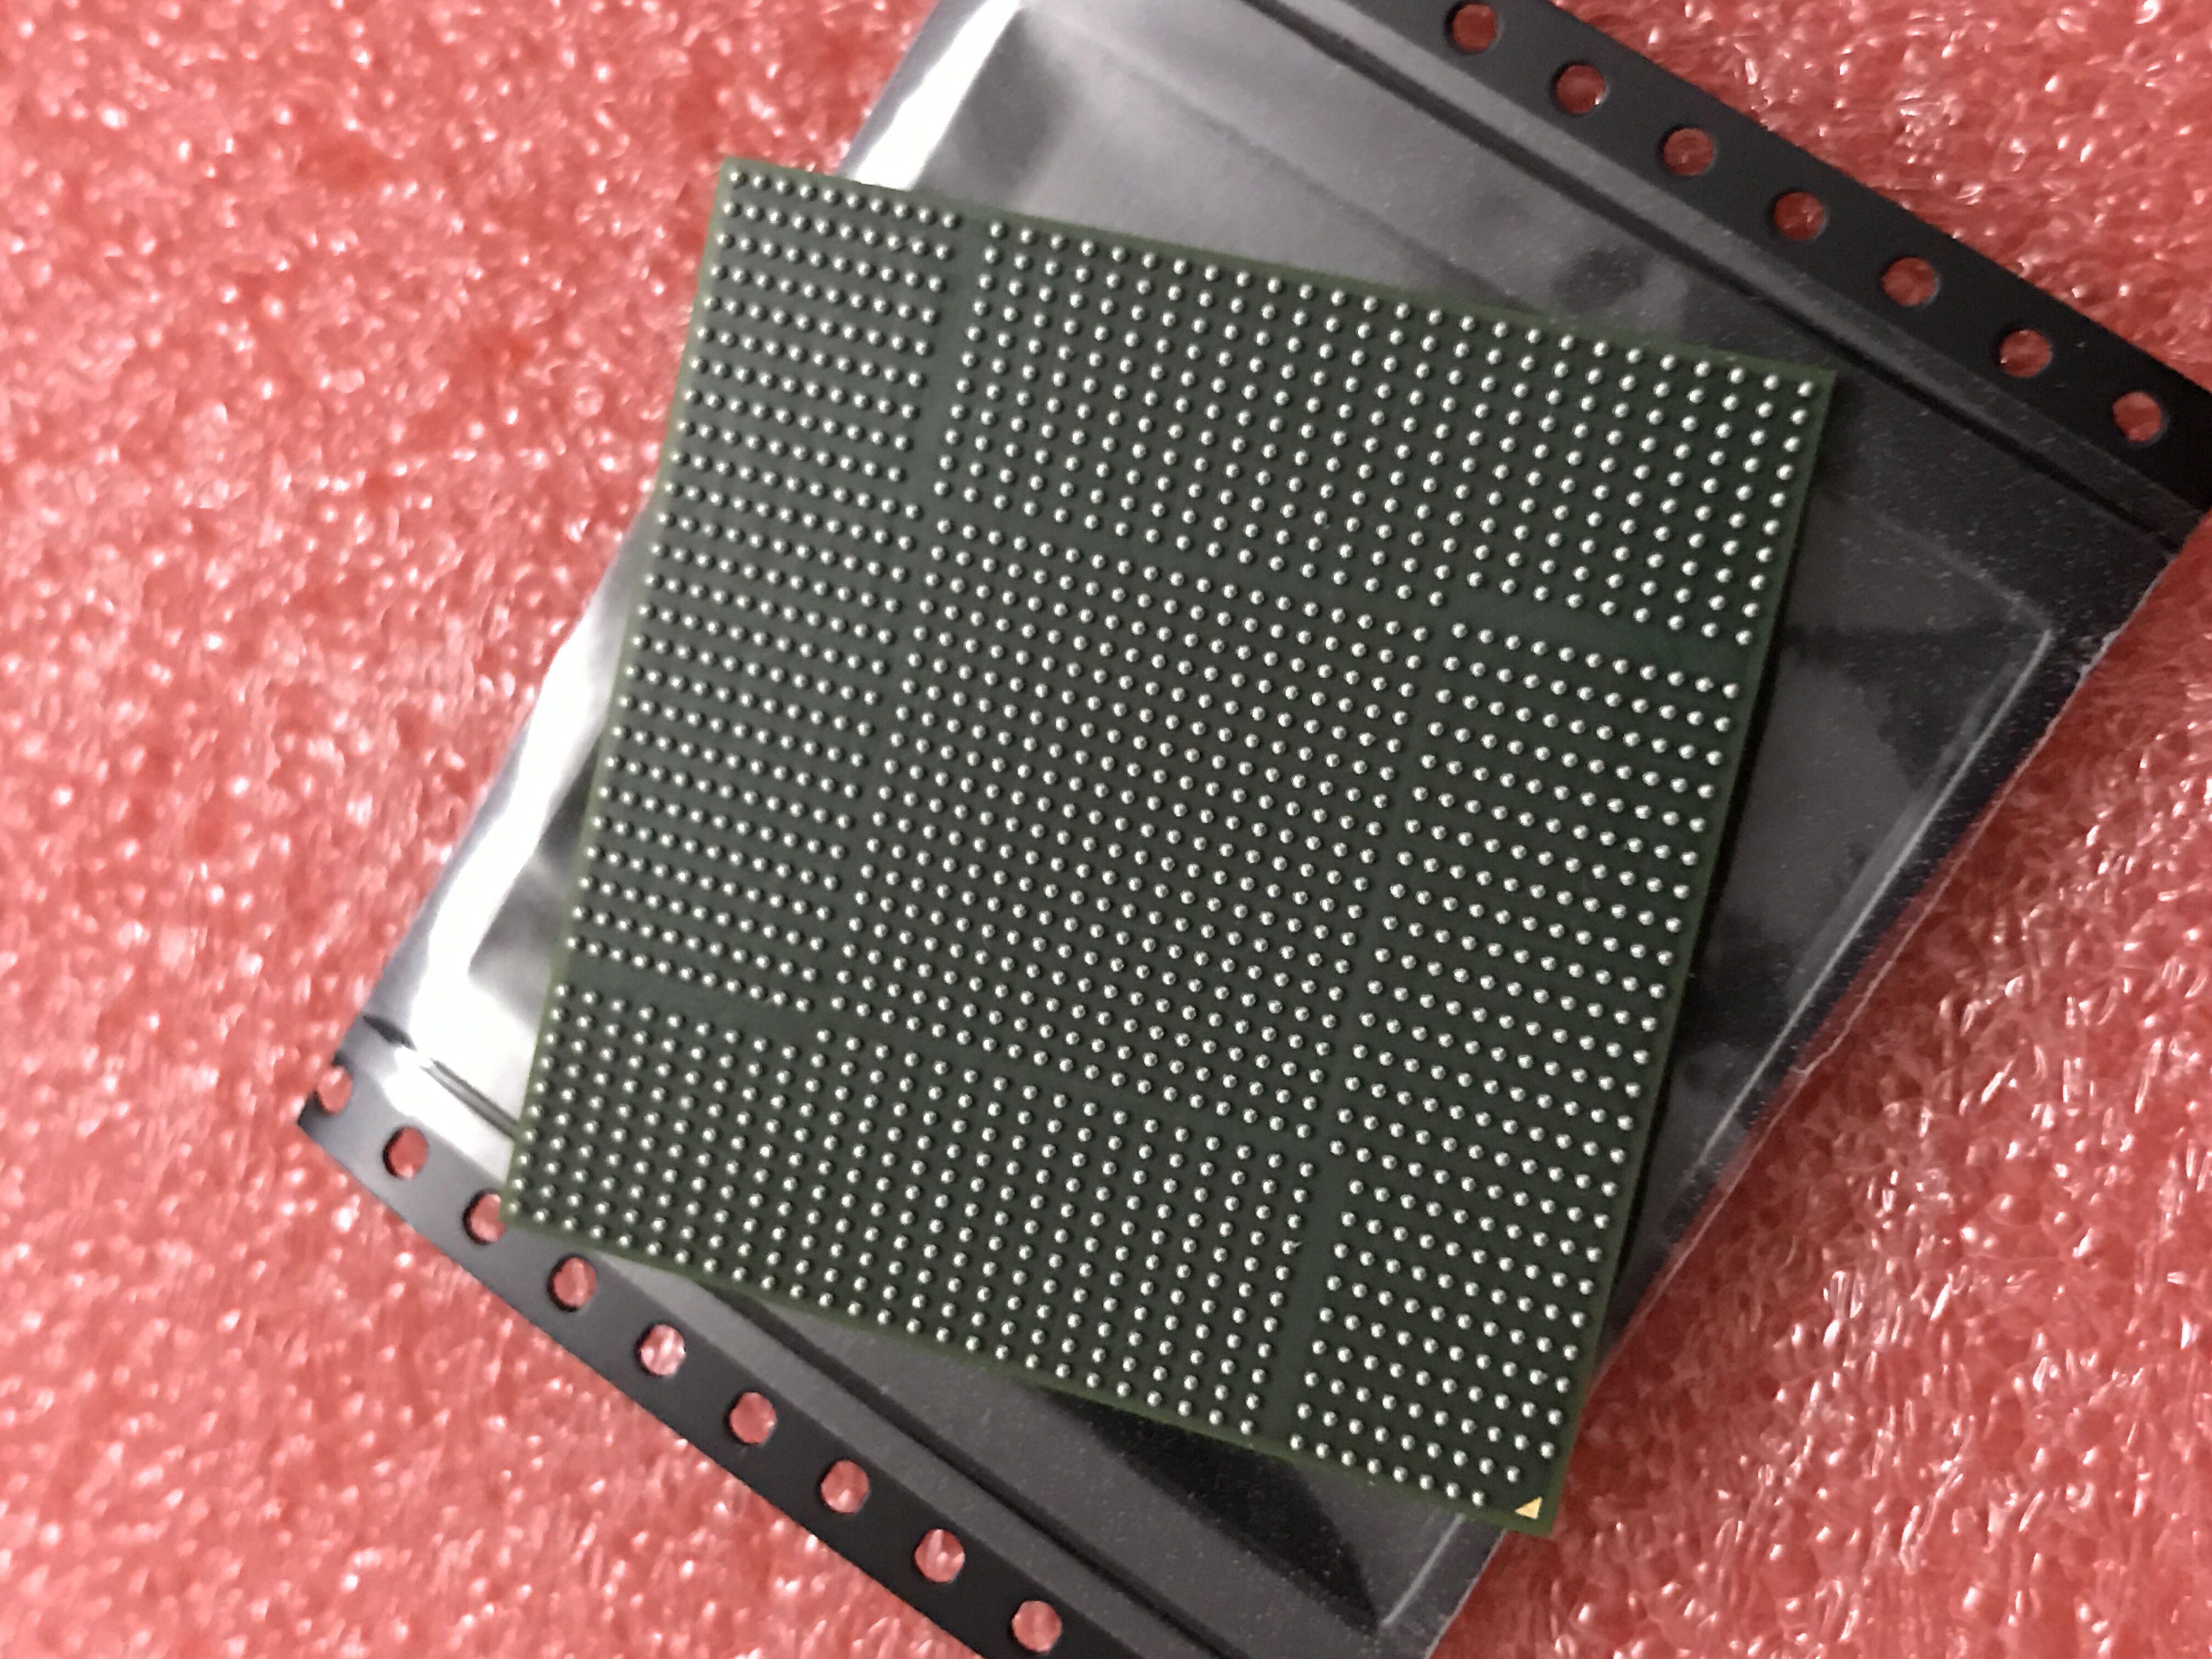 vmv120sgr12gm - 1pcs/lot Computer chips V120 VMV120SGR12GM 22G V140 V160 P320 P340 CPU